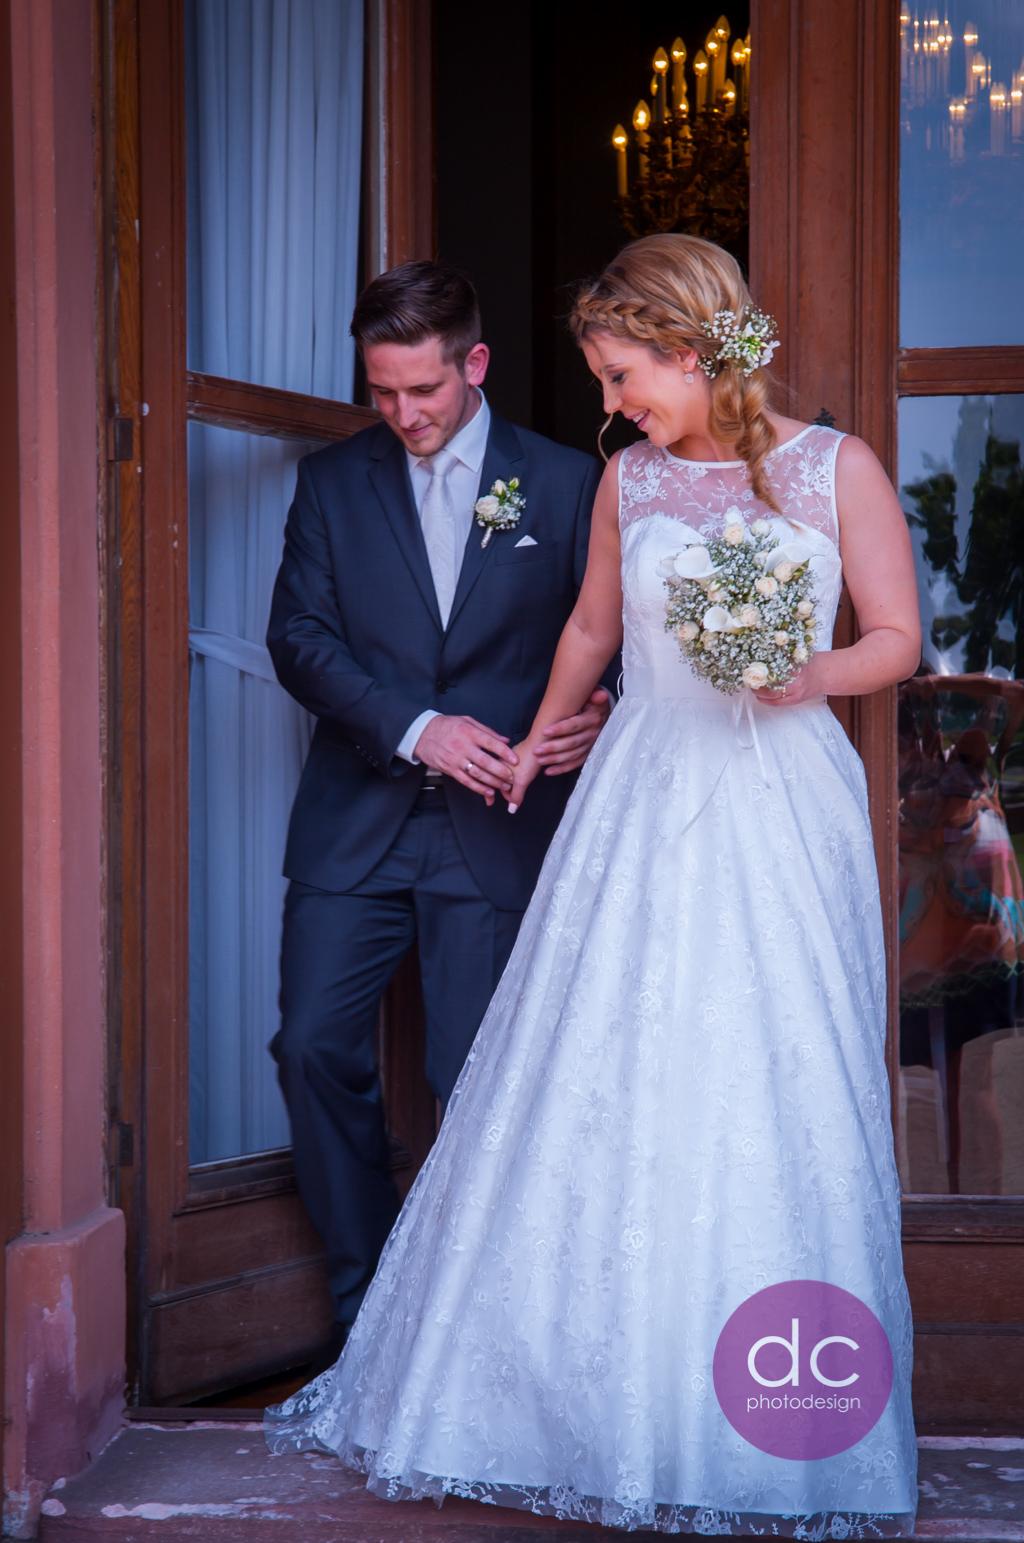 Hochzeitsfotografie - Brautpaar geht auf die Terrasse des Standesamt Schloss Philippsruhe - Hochzeitsfotograf Hanau dc - photodesign